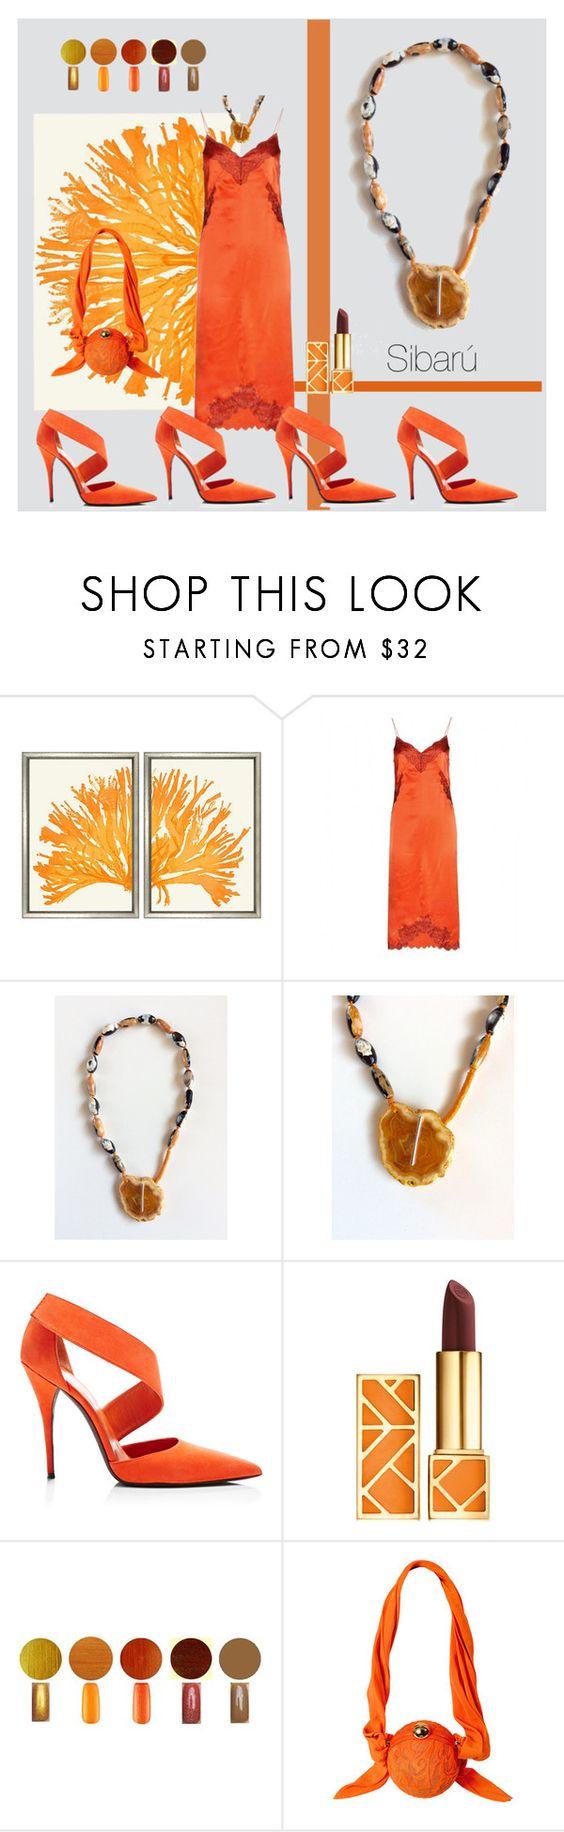 william of orange day